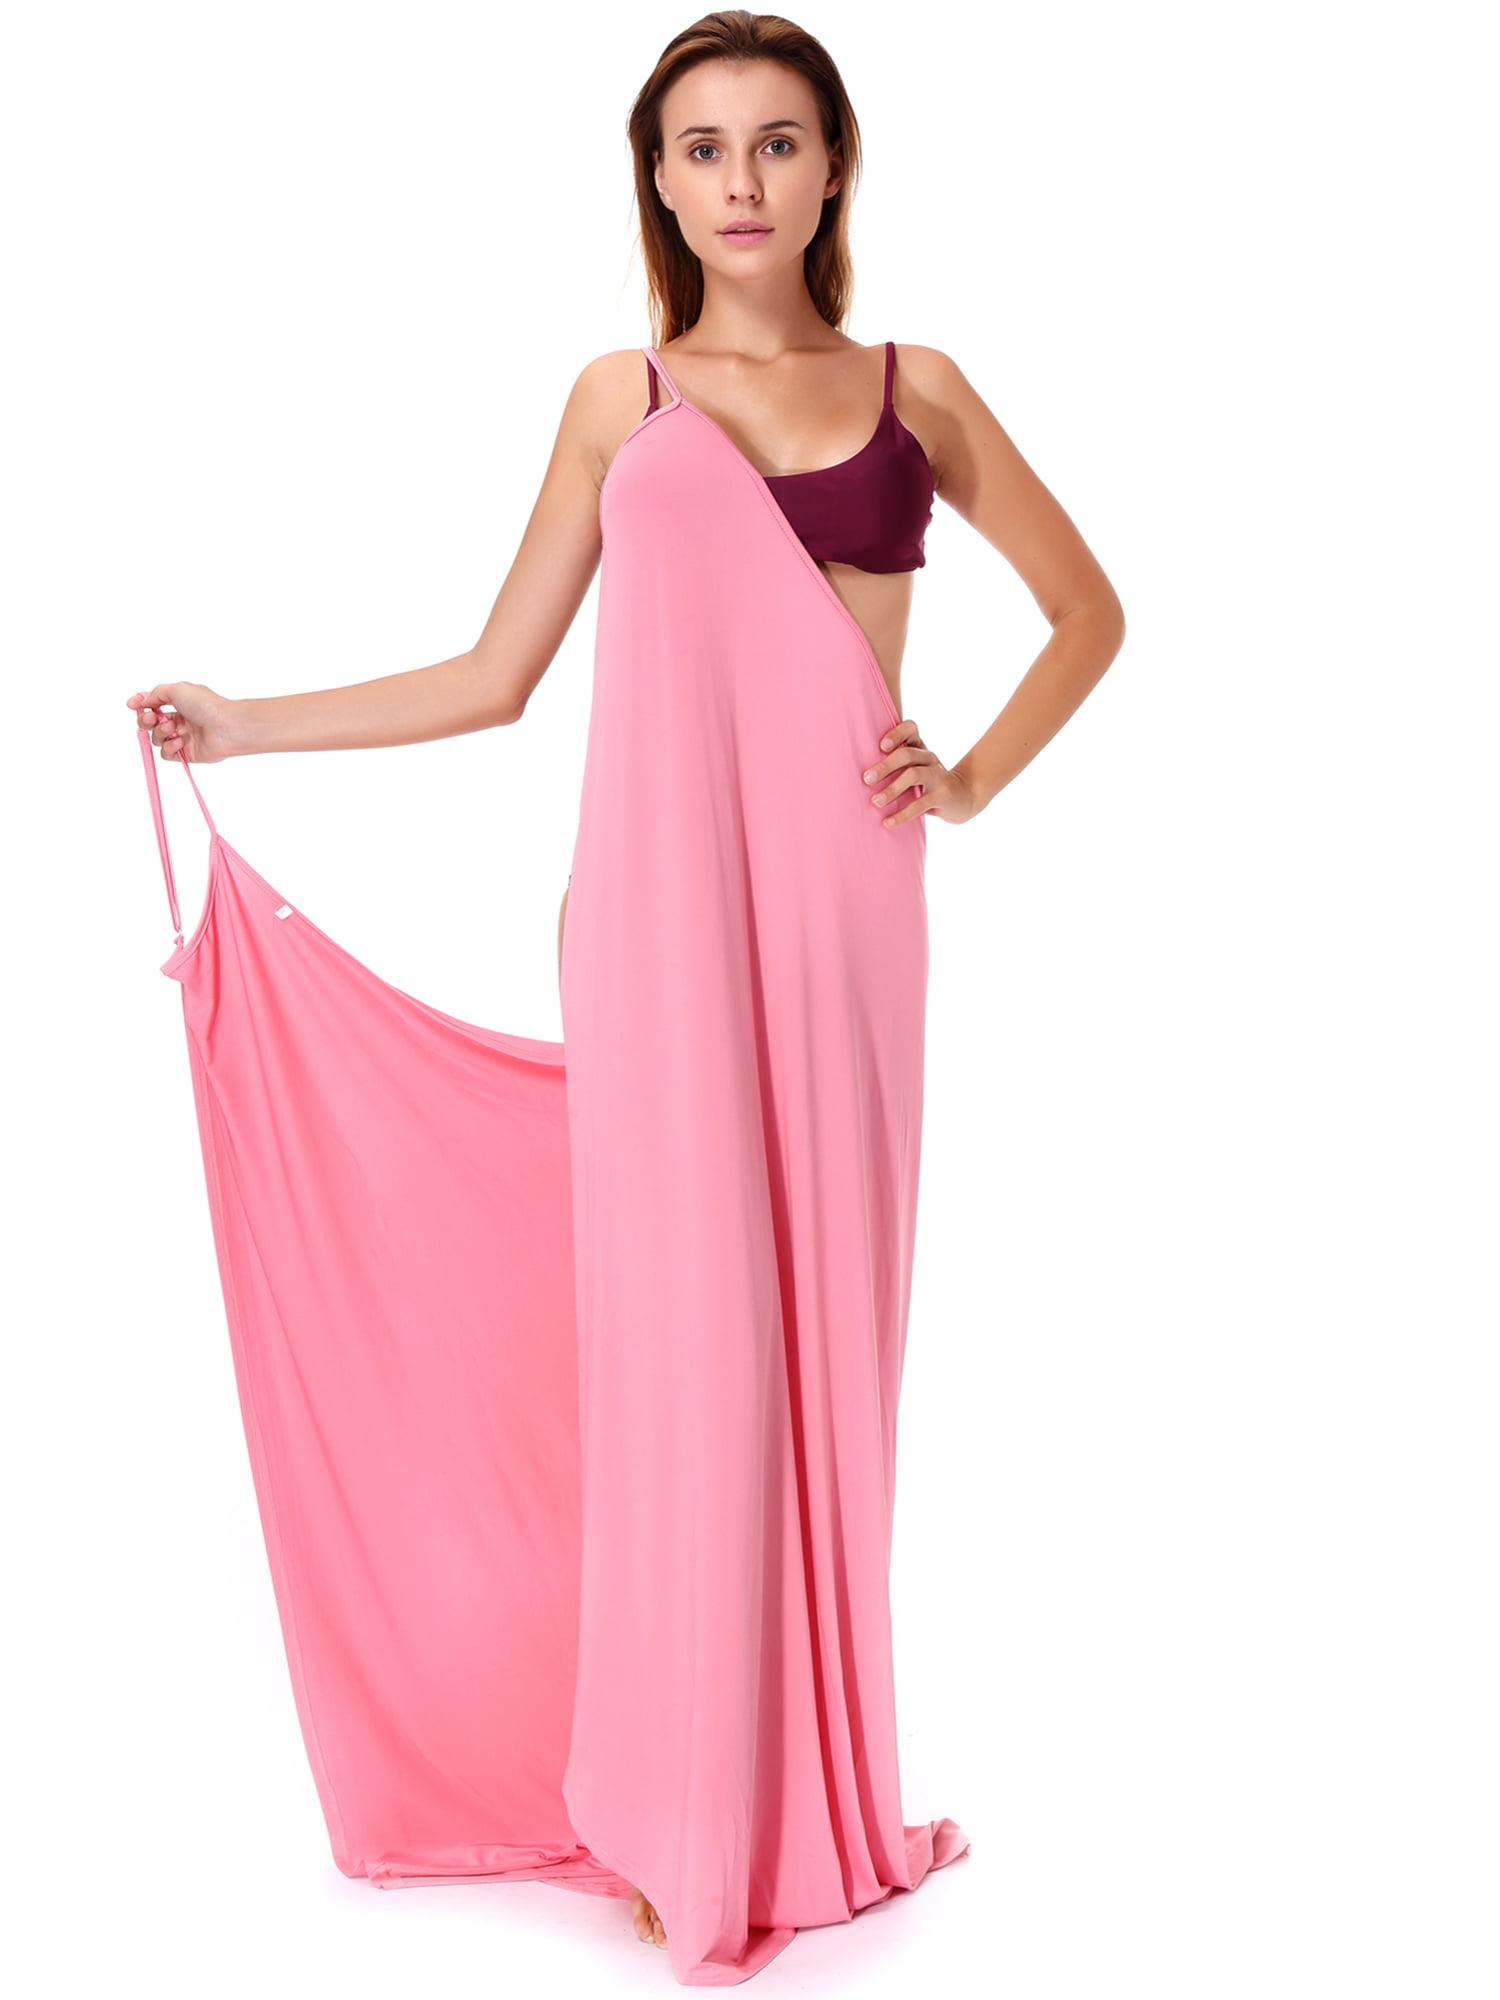 LELINTA Women's Sexy Spaghetti Strap Beach Long Dress Bikini Cover Up Swimsuit Wrap Beachwear Plus Size L/5XL